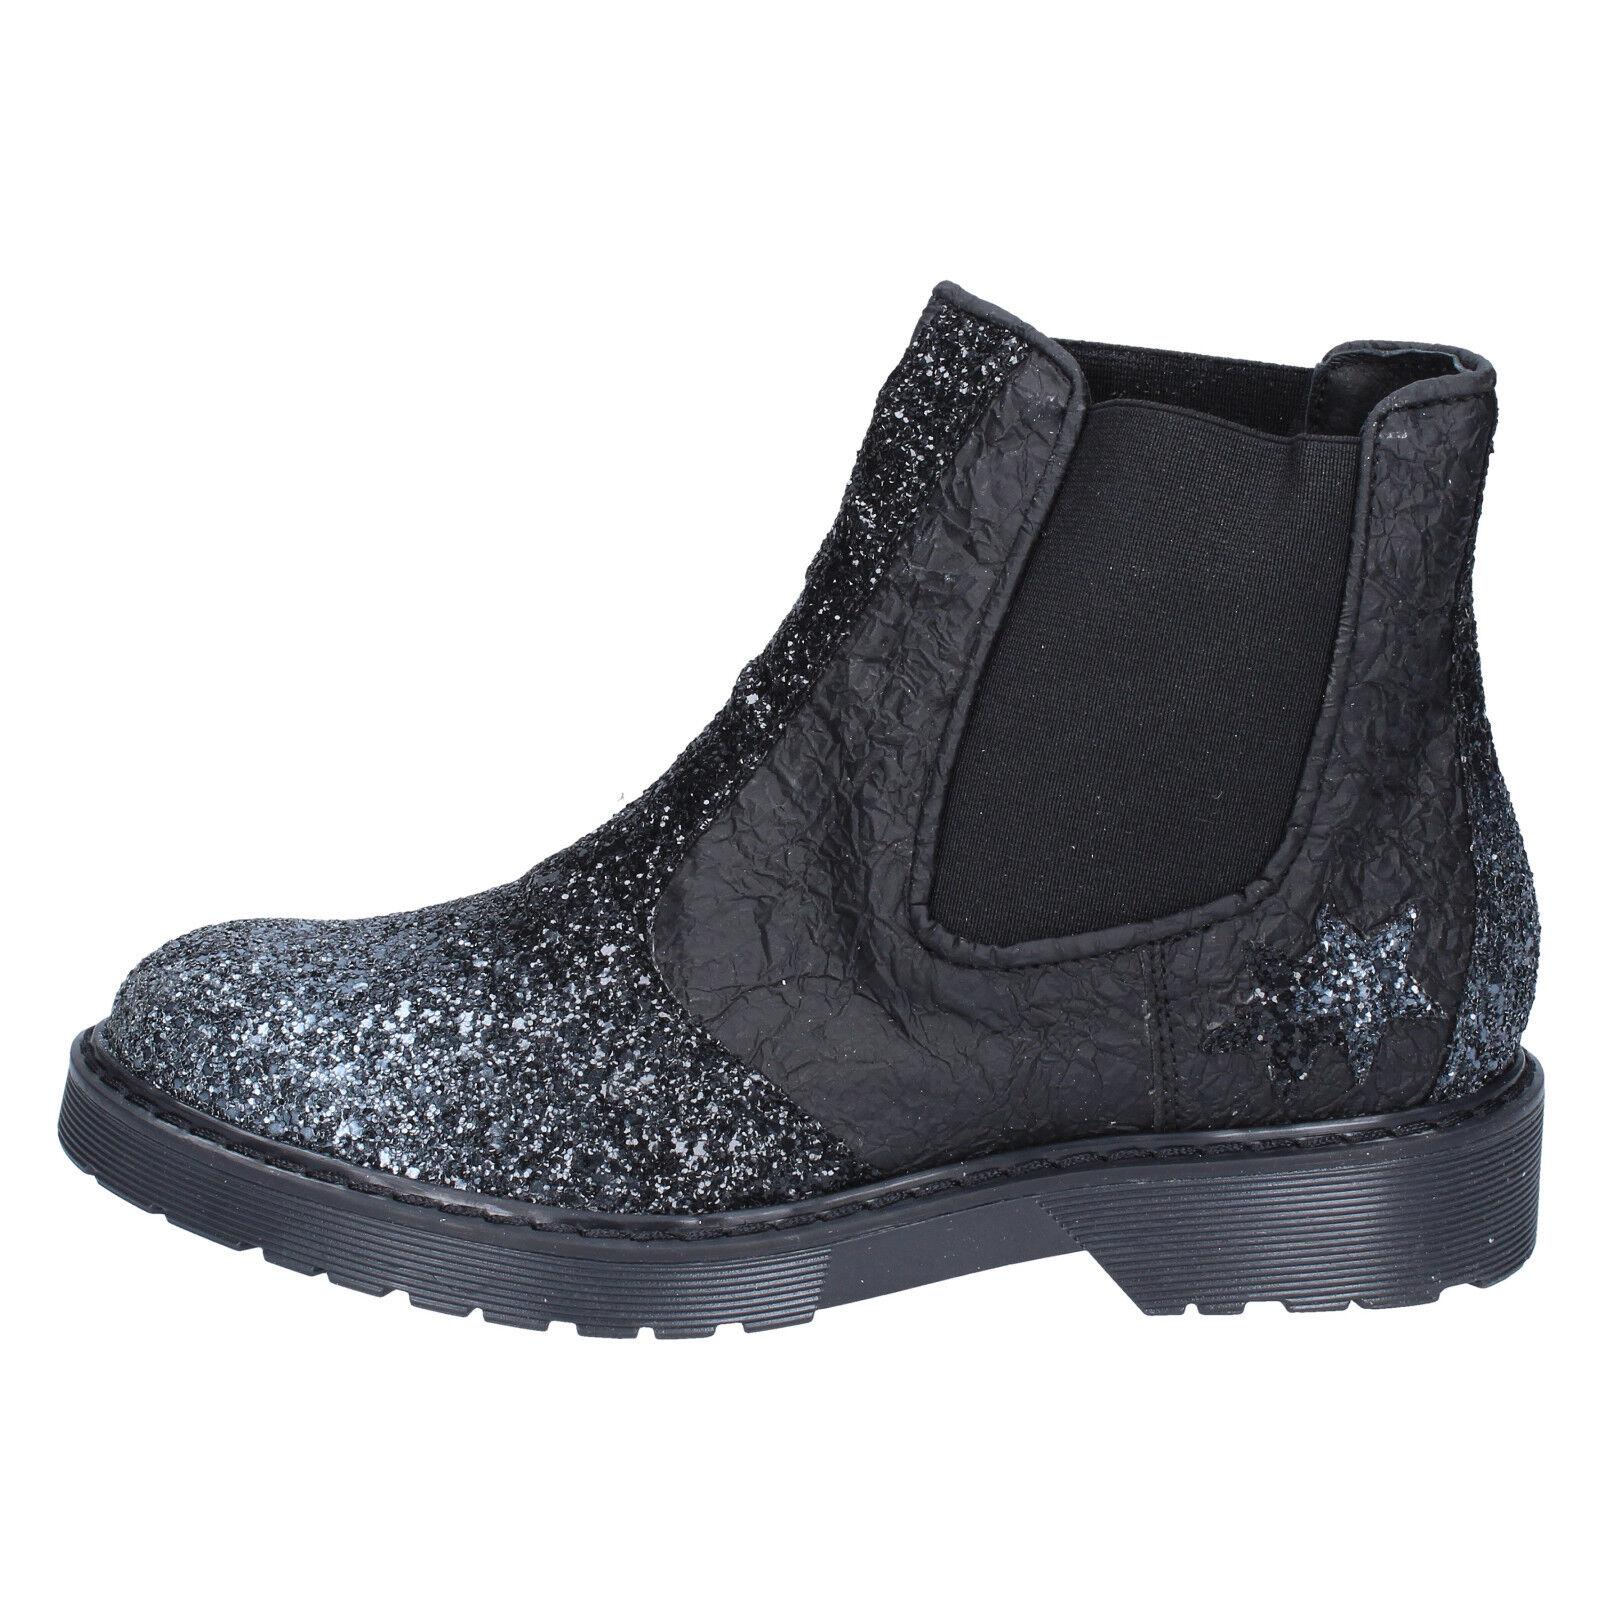 Damens's schuhe 2 STAR 8 (EU 38) ankle boots schwarz Leder glitter BX374-38